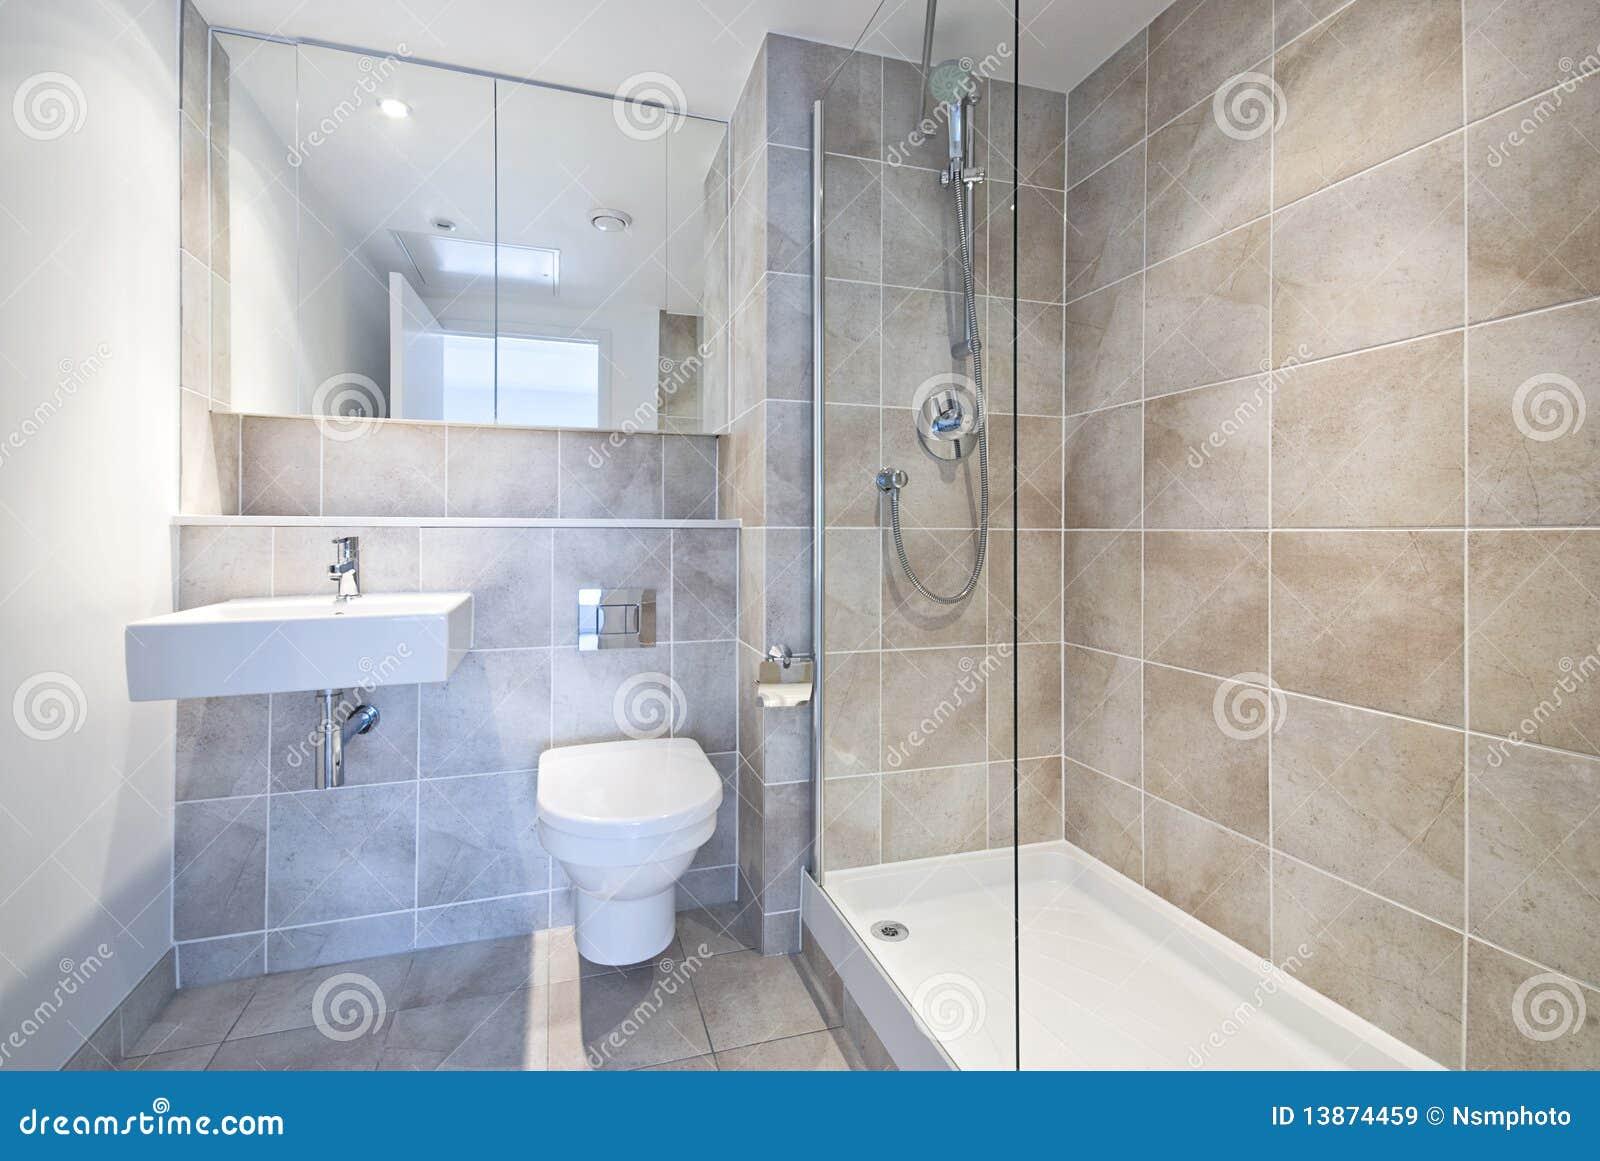 Salle de bains moderne de suite d 39 en avec la grande douche image stock image 13874459 - Deco master suite met badkamer ...